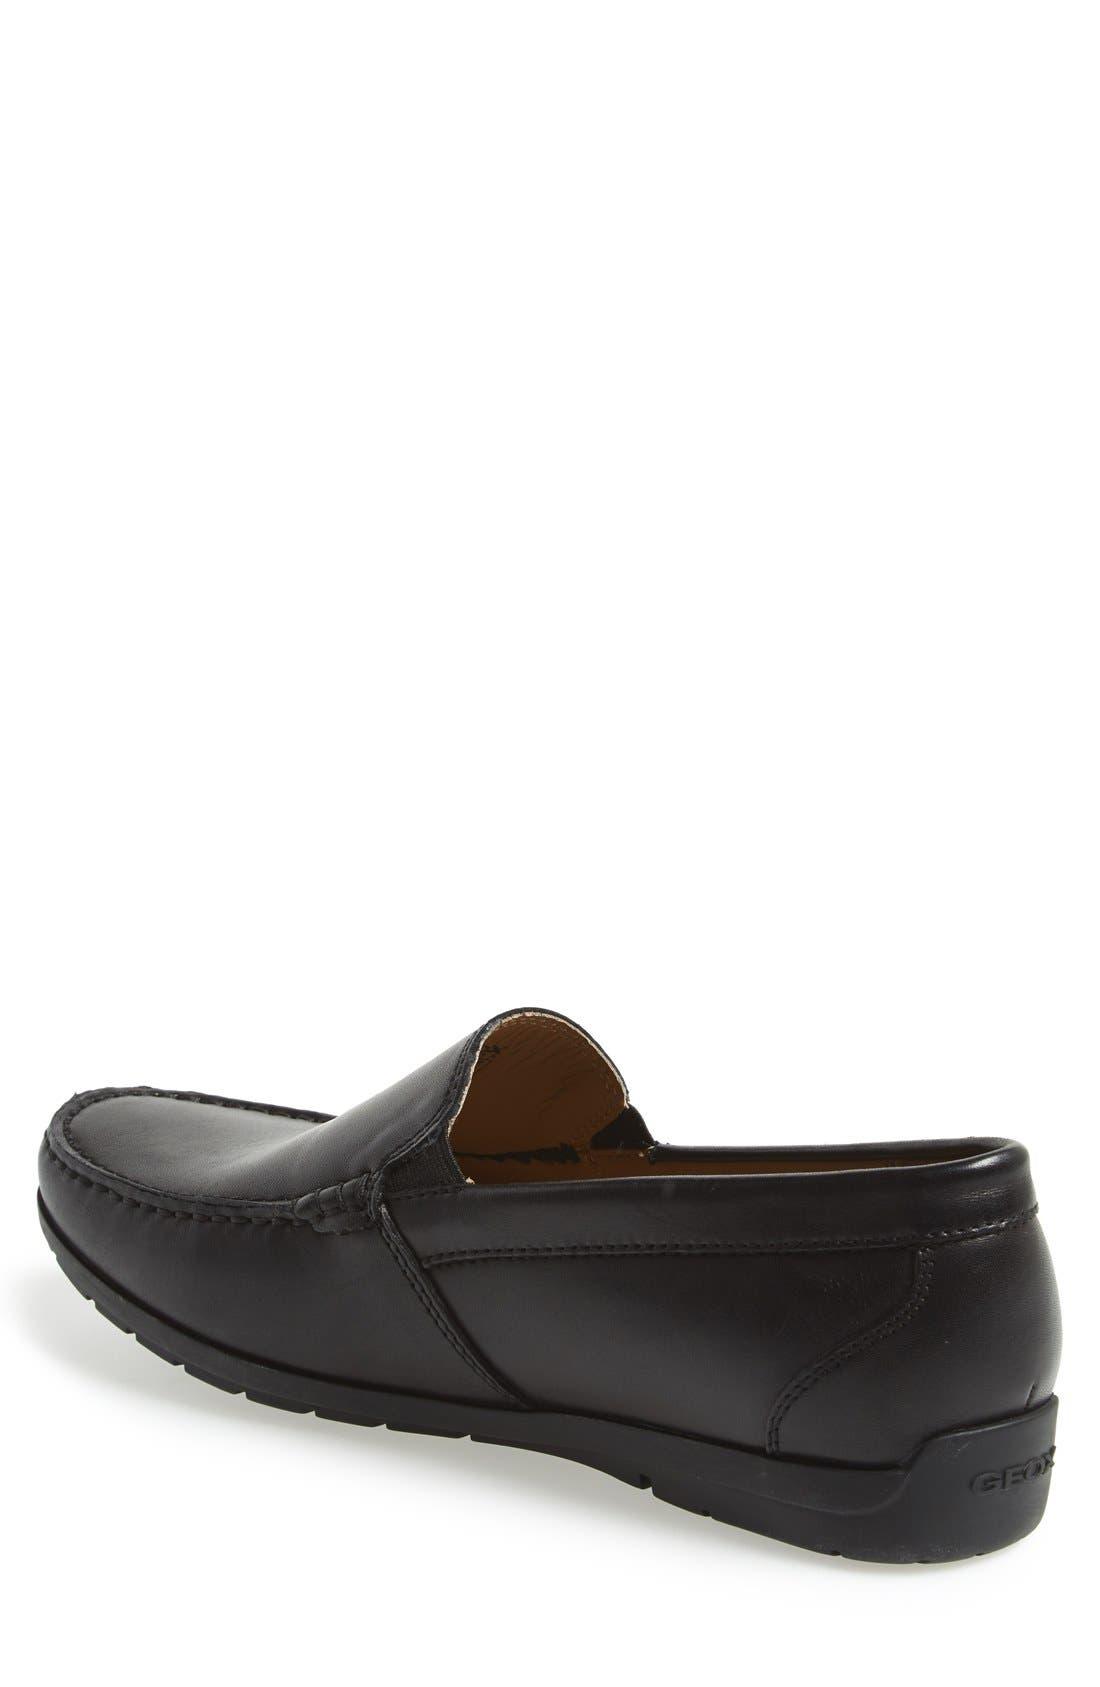 Alternate Image 2  - Geox 'Simon W2' Venetian Loafer (Men)